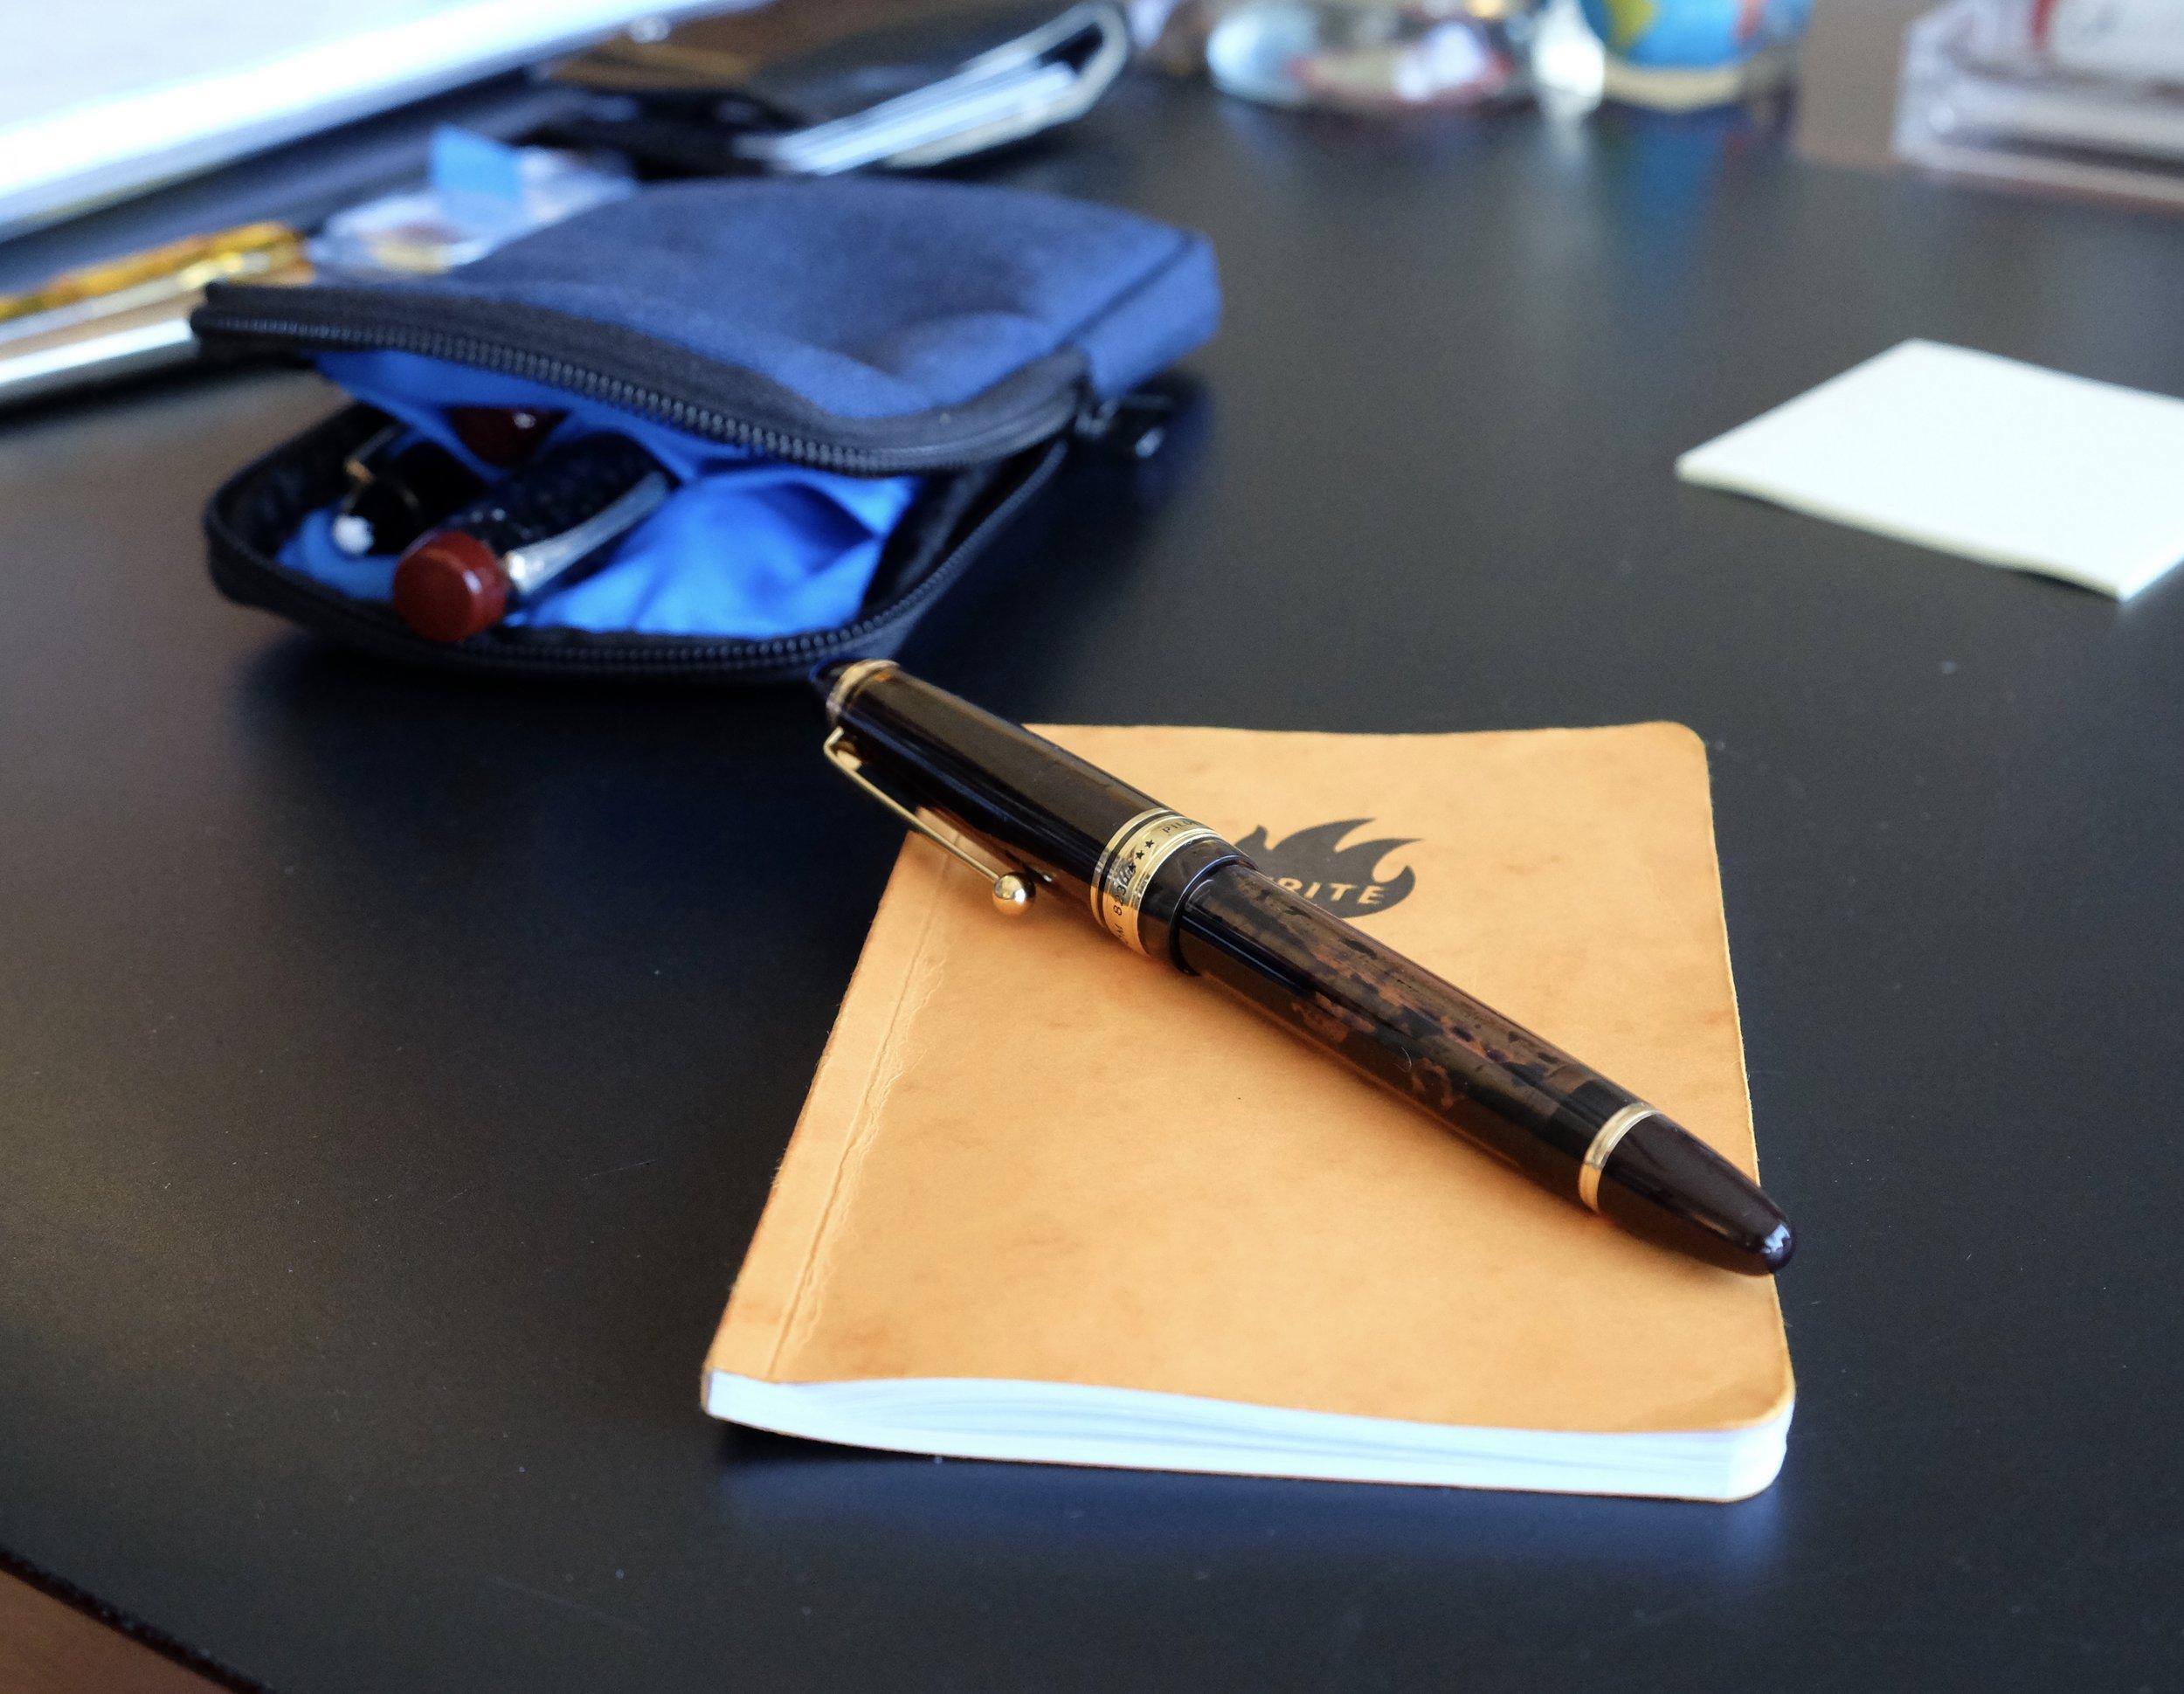 The Pilot Custom 823 Vacuum-Fill Fountain Pen